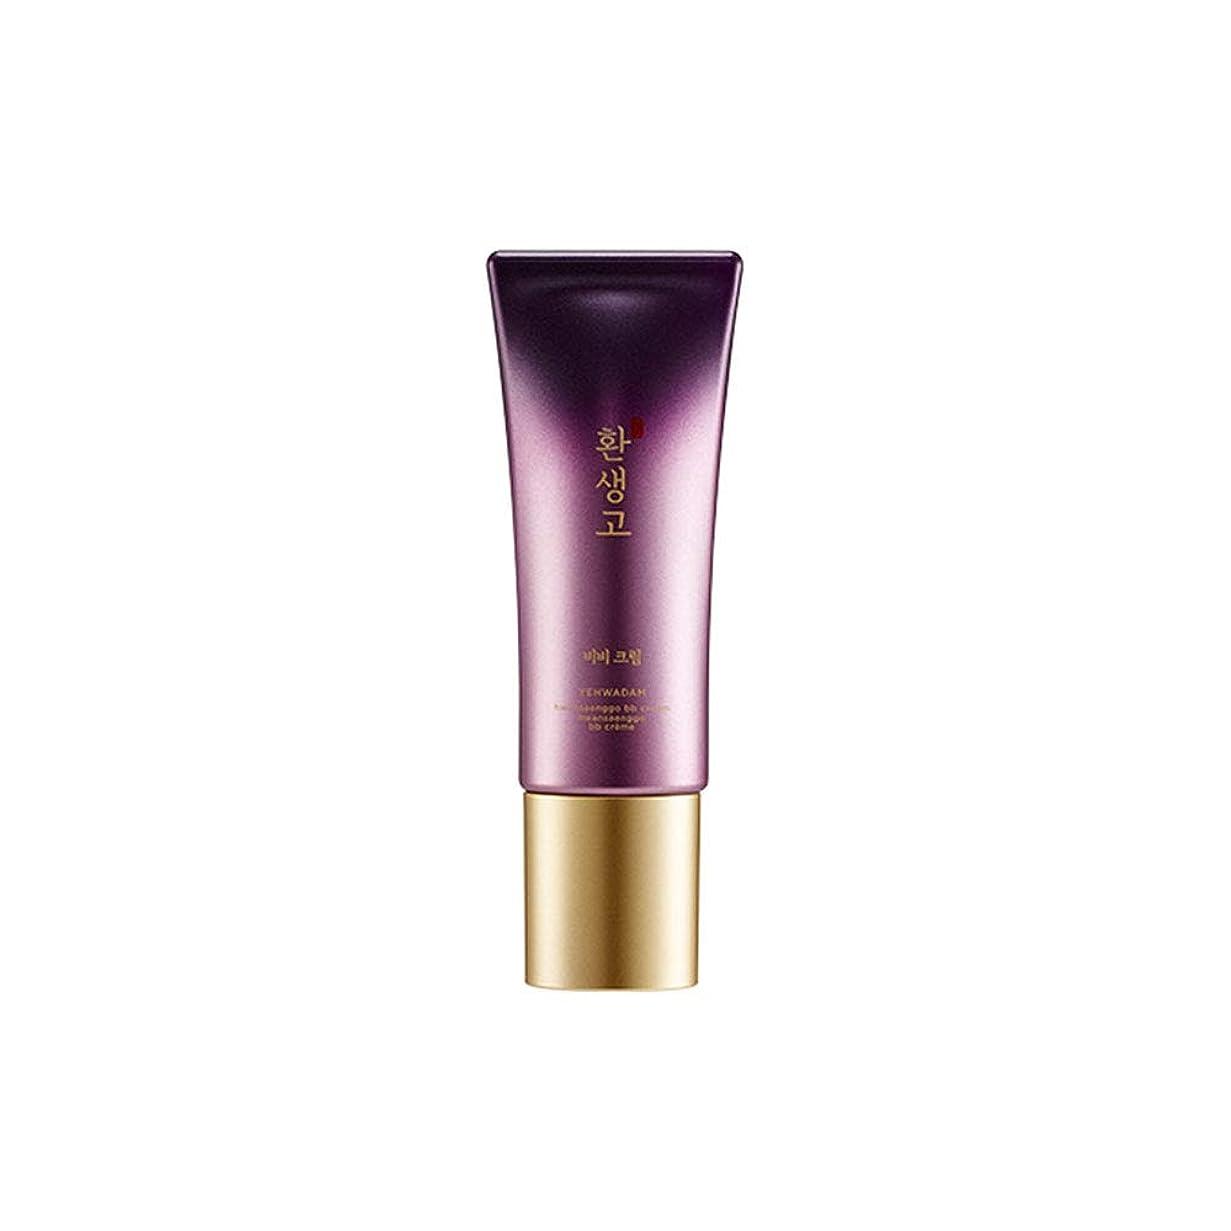 保育園ストラップイル[ザフェイスショップ] The Face Shop イェファダム 還生膏BBクリーム SPF35 PA++ 45ml YEHWADAM Hwansaenggo BB Cream 45ml [海外直送品]